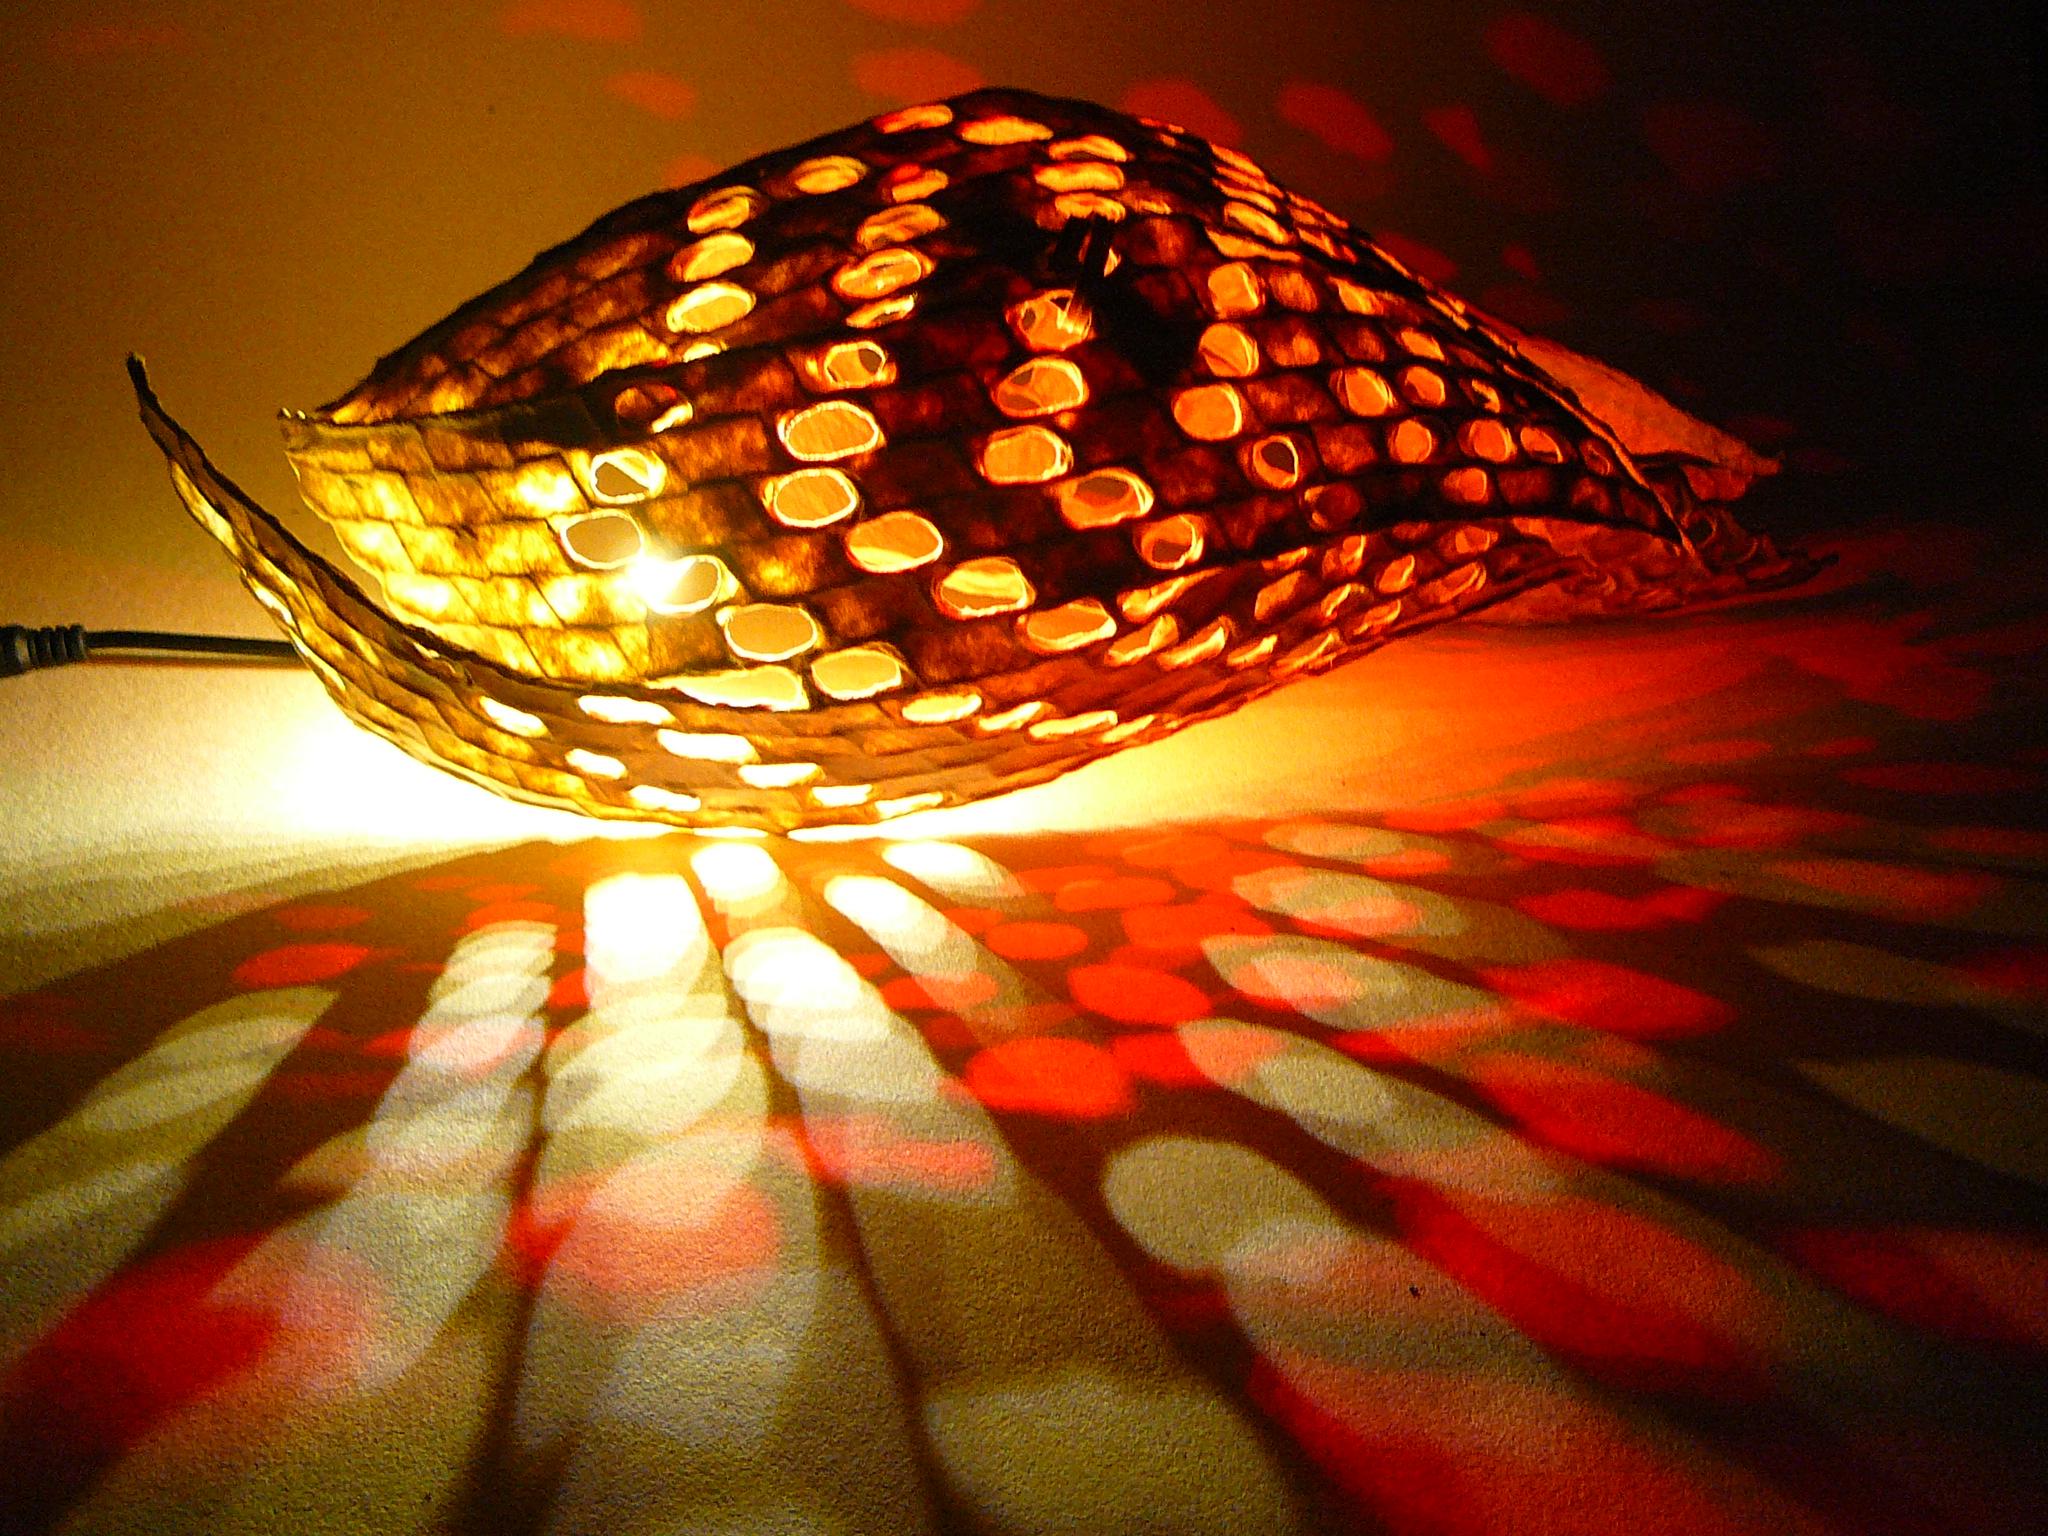 Csigalámpákba kevert csodafények – Ismerd Búza Krisztina különleges lámpáit